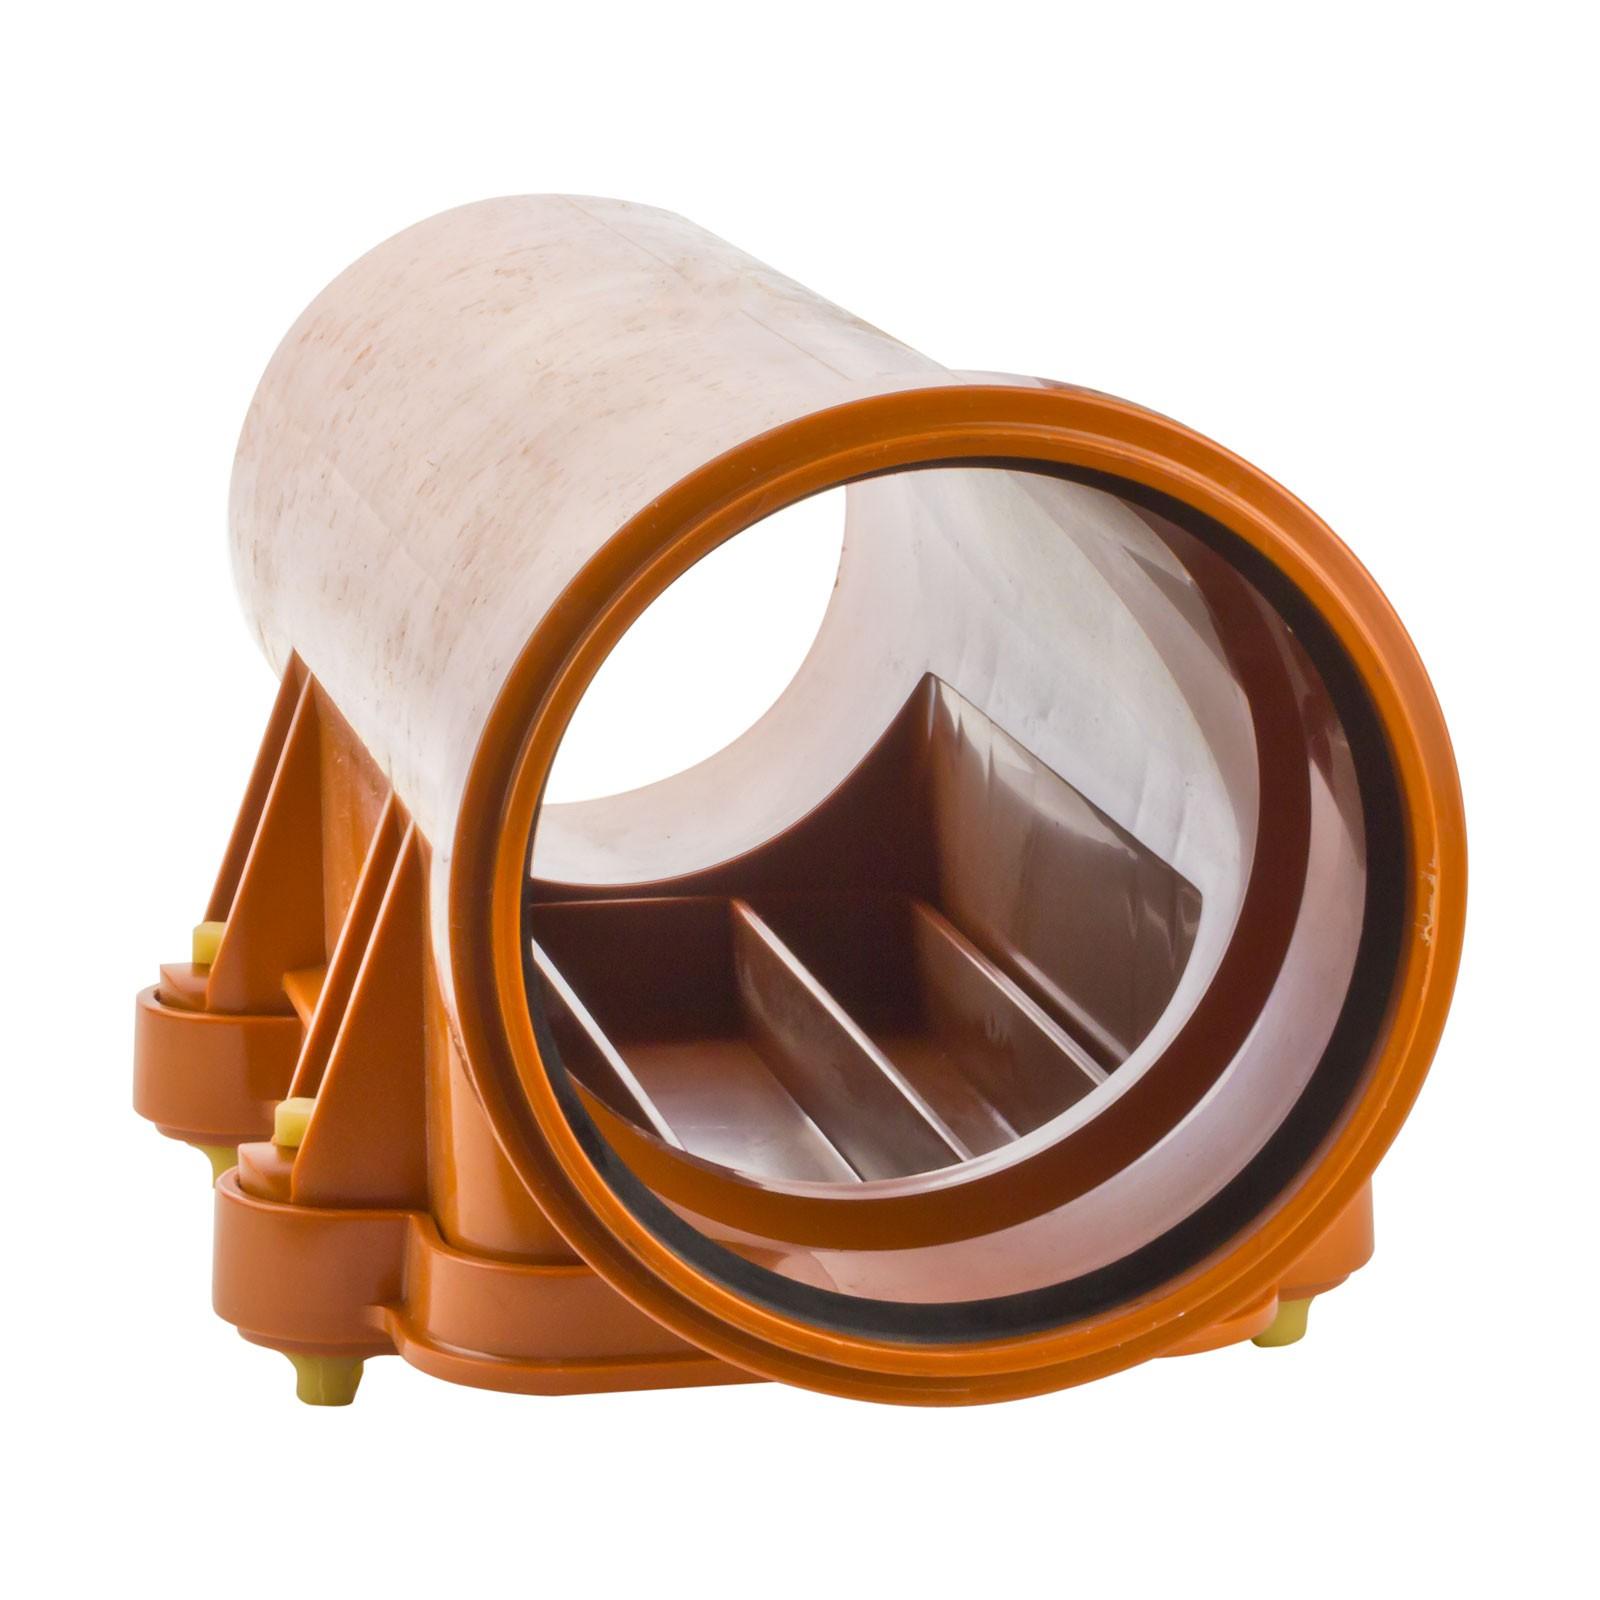 kg pvc rohr reinigungsrohr dn 200 mm revisionsrohr kanalrohr abwasserrohr ebay. Black Bedroom Furniture Sets. Home Design Ideas